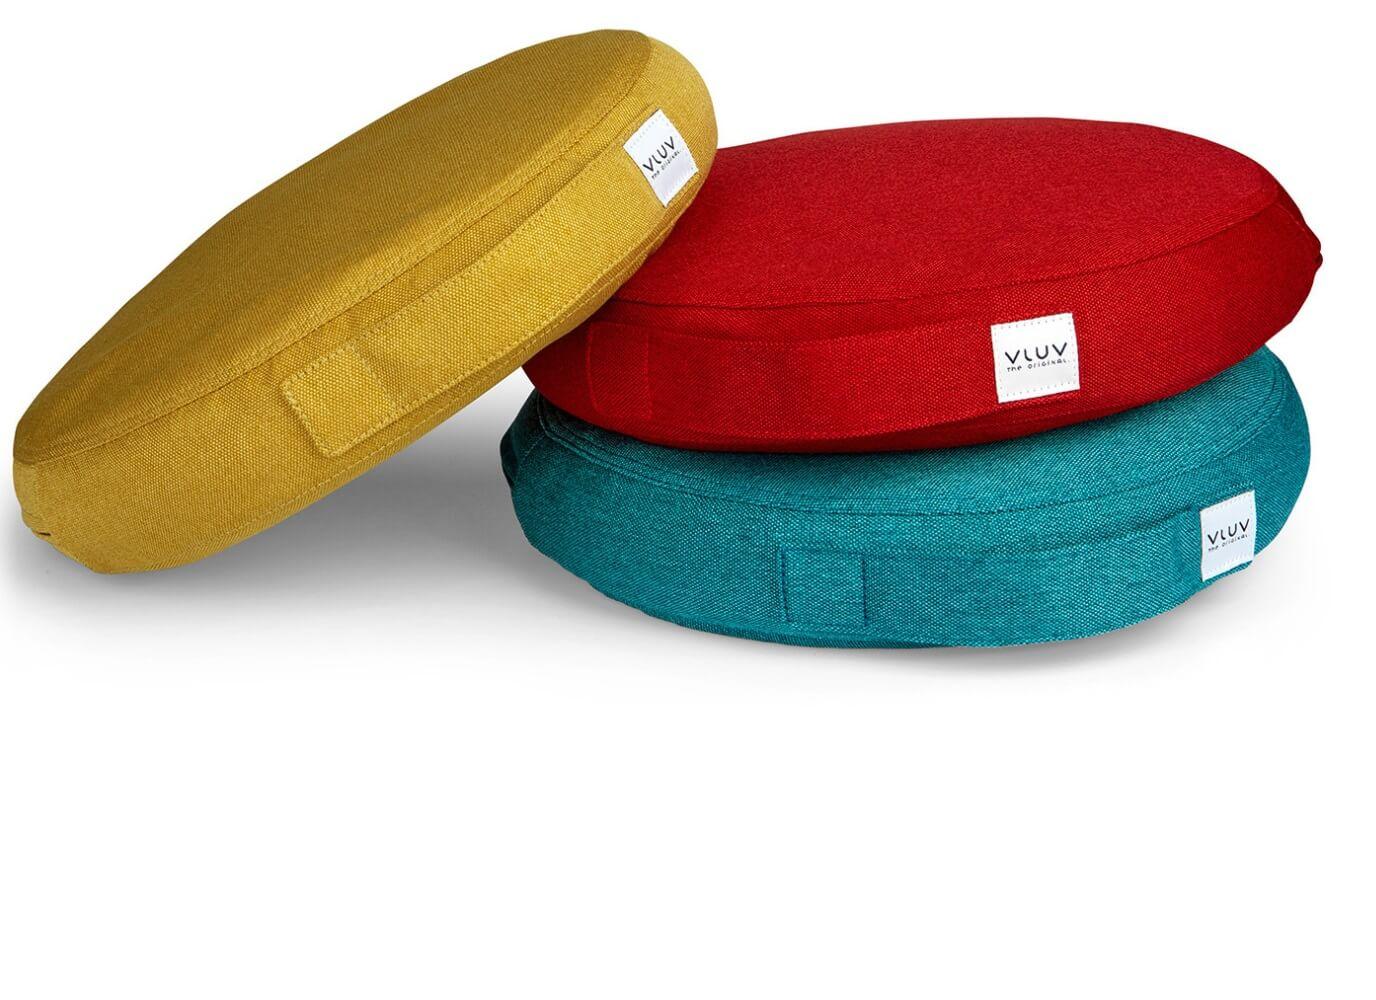 כרית ישיבה ארגונומית – PIL&PED LEIV – במגוון צבעים